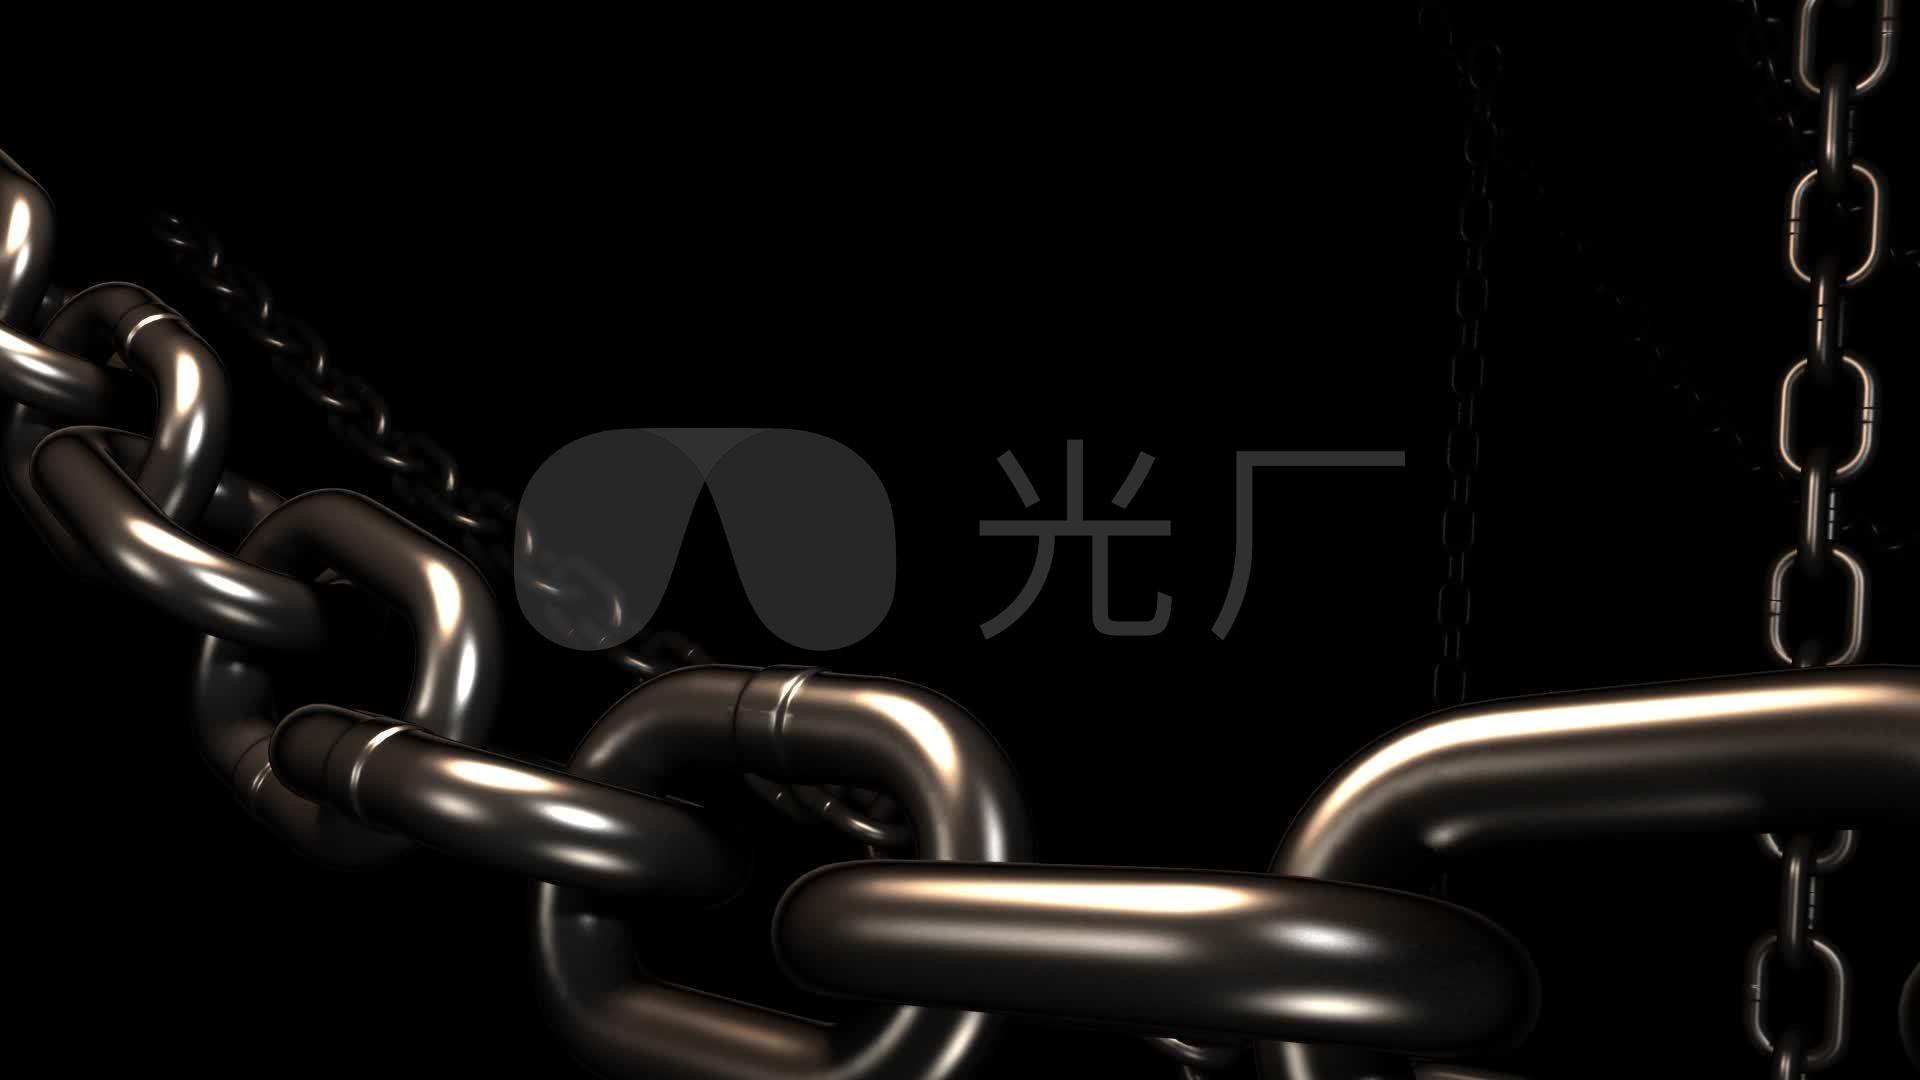 梯形链条素材3d铁链黑白金属_1920X1080histeq金属绘制图片